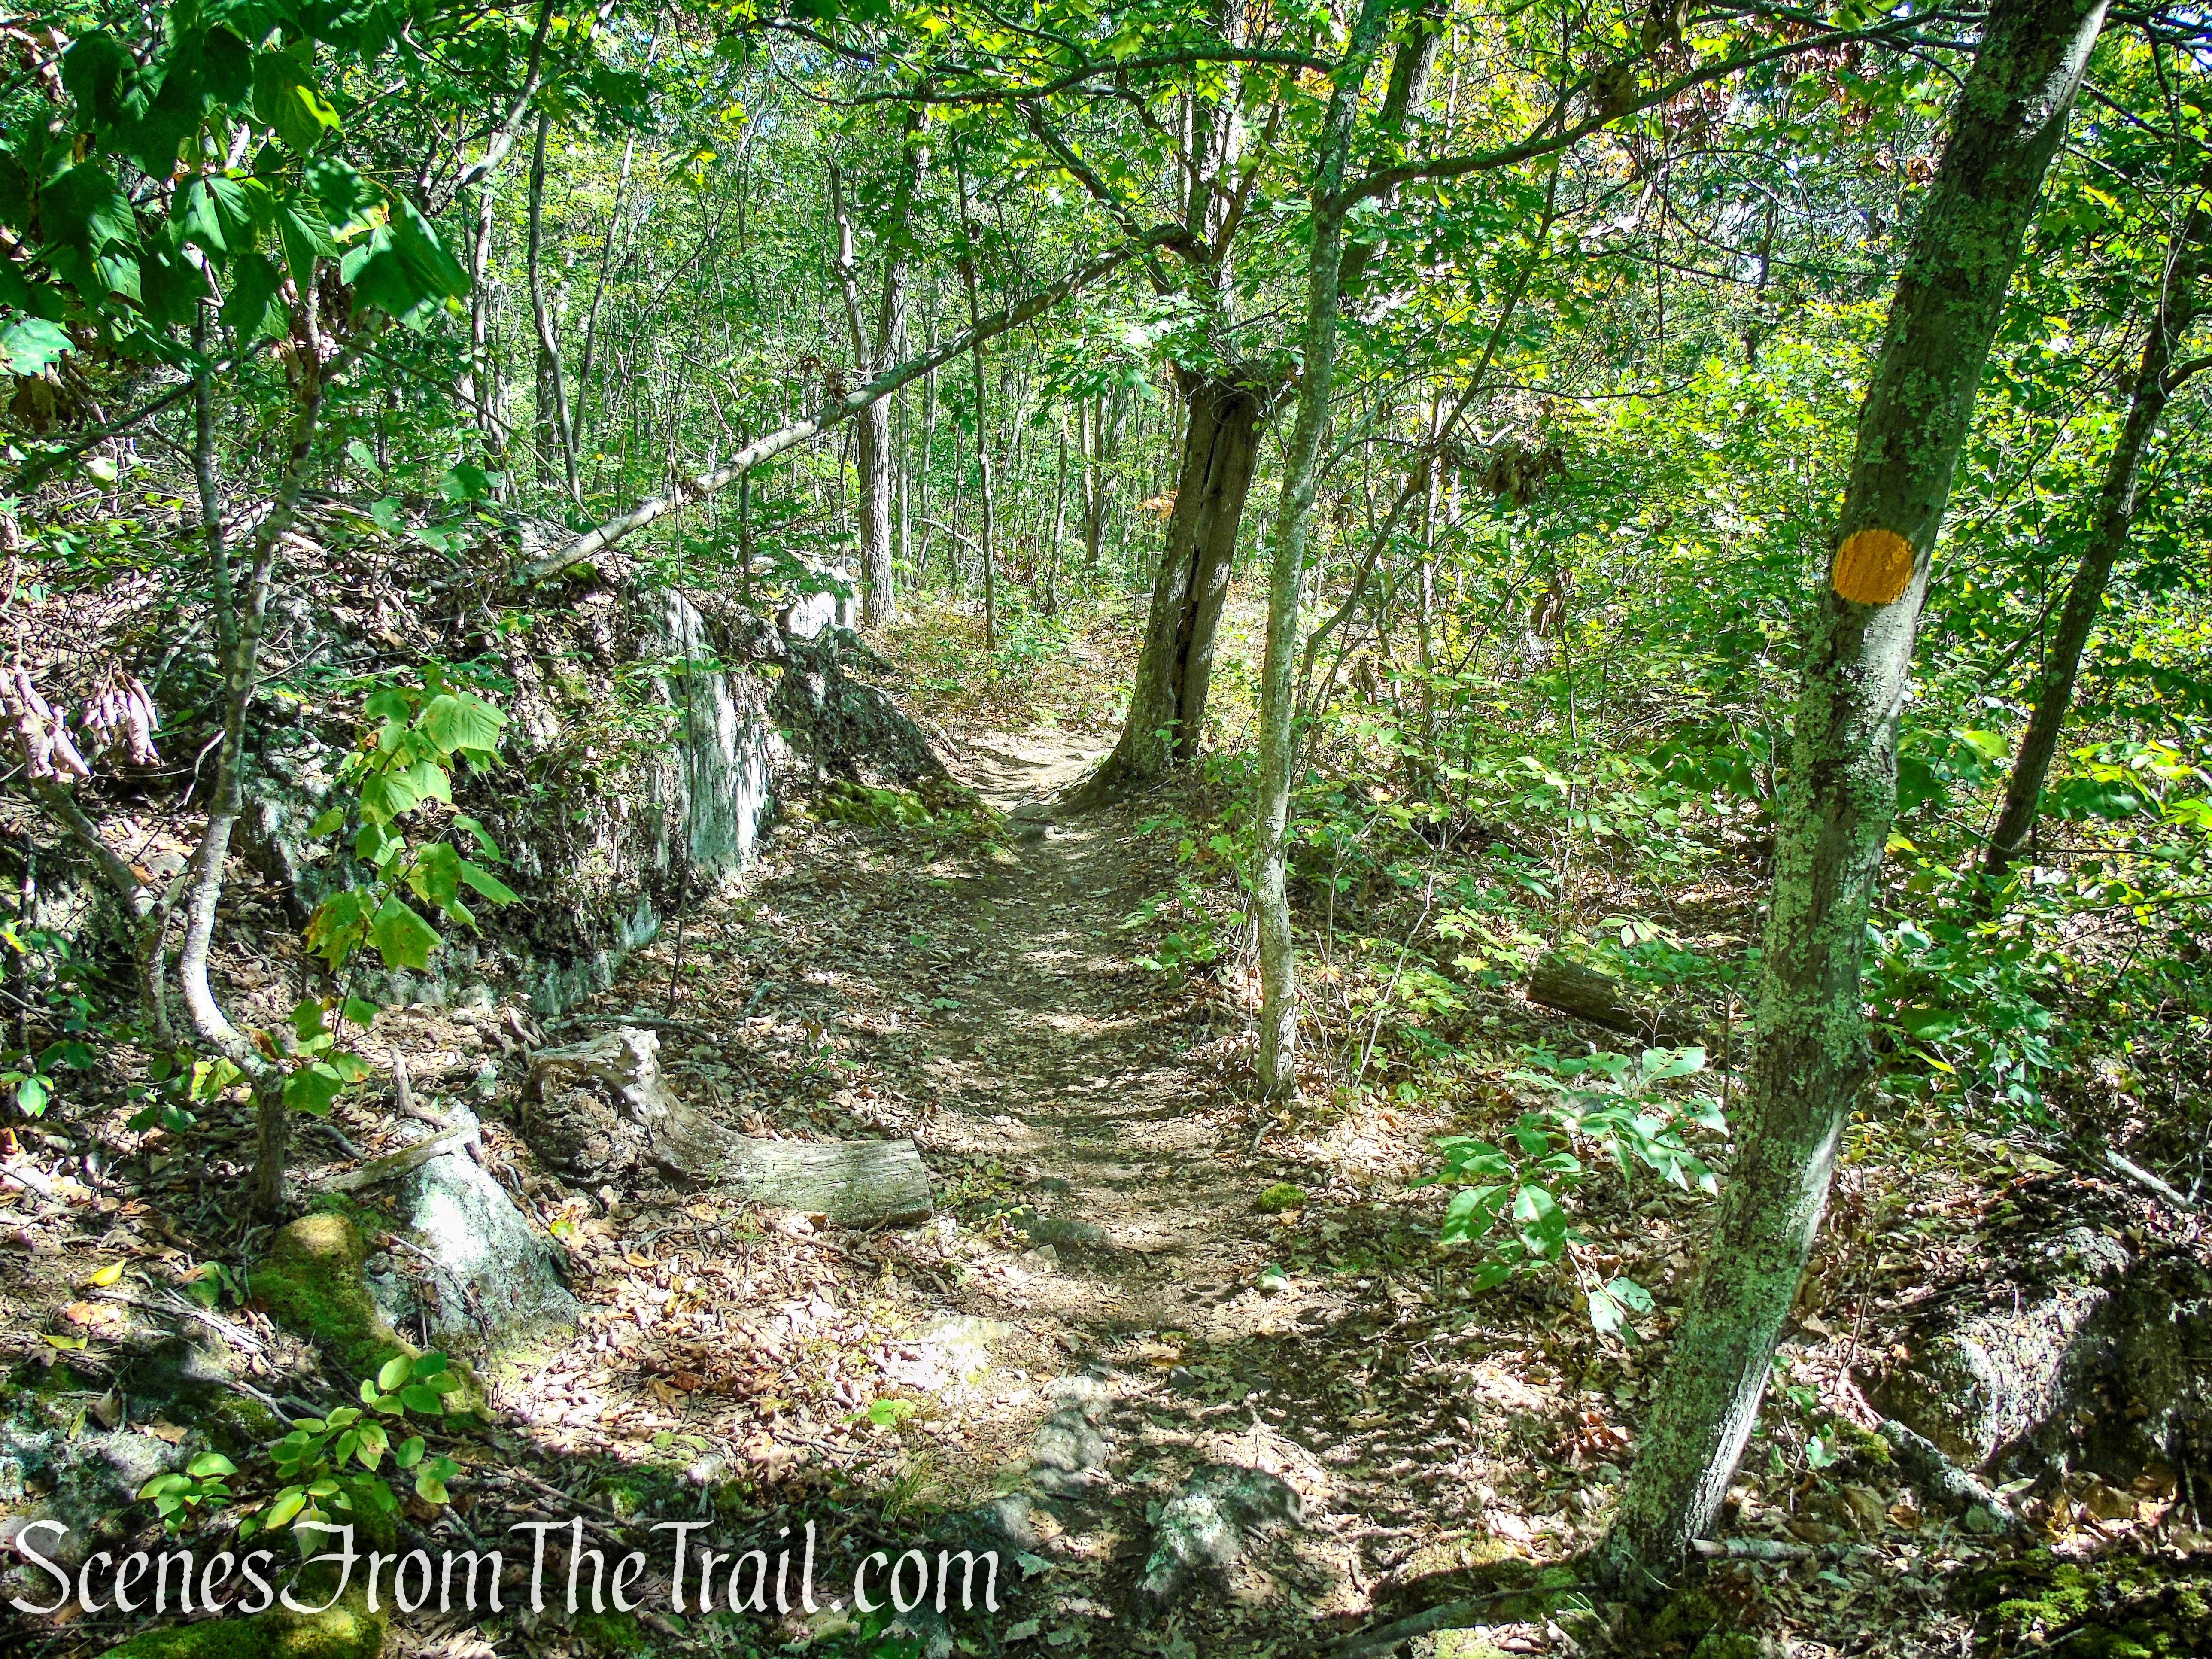 Ridgeline Trail - Macricostas Preserve